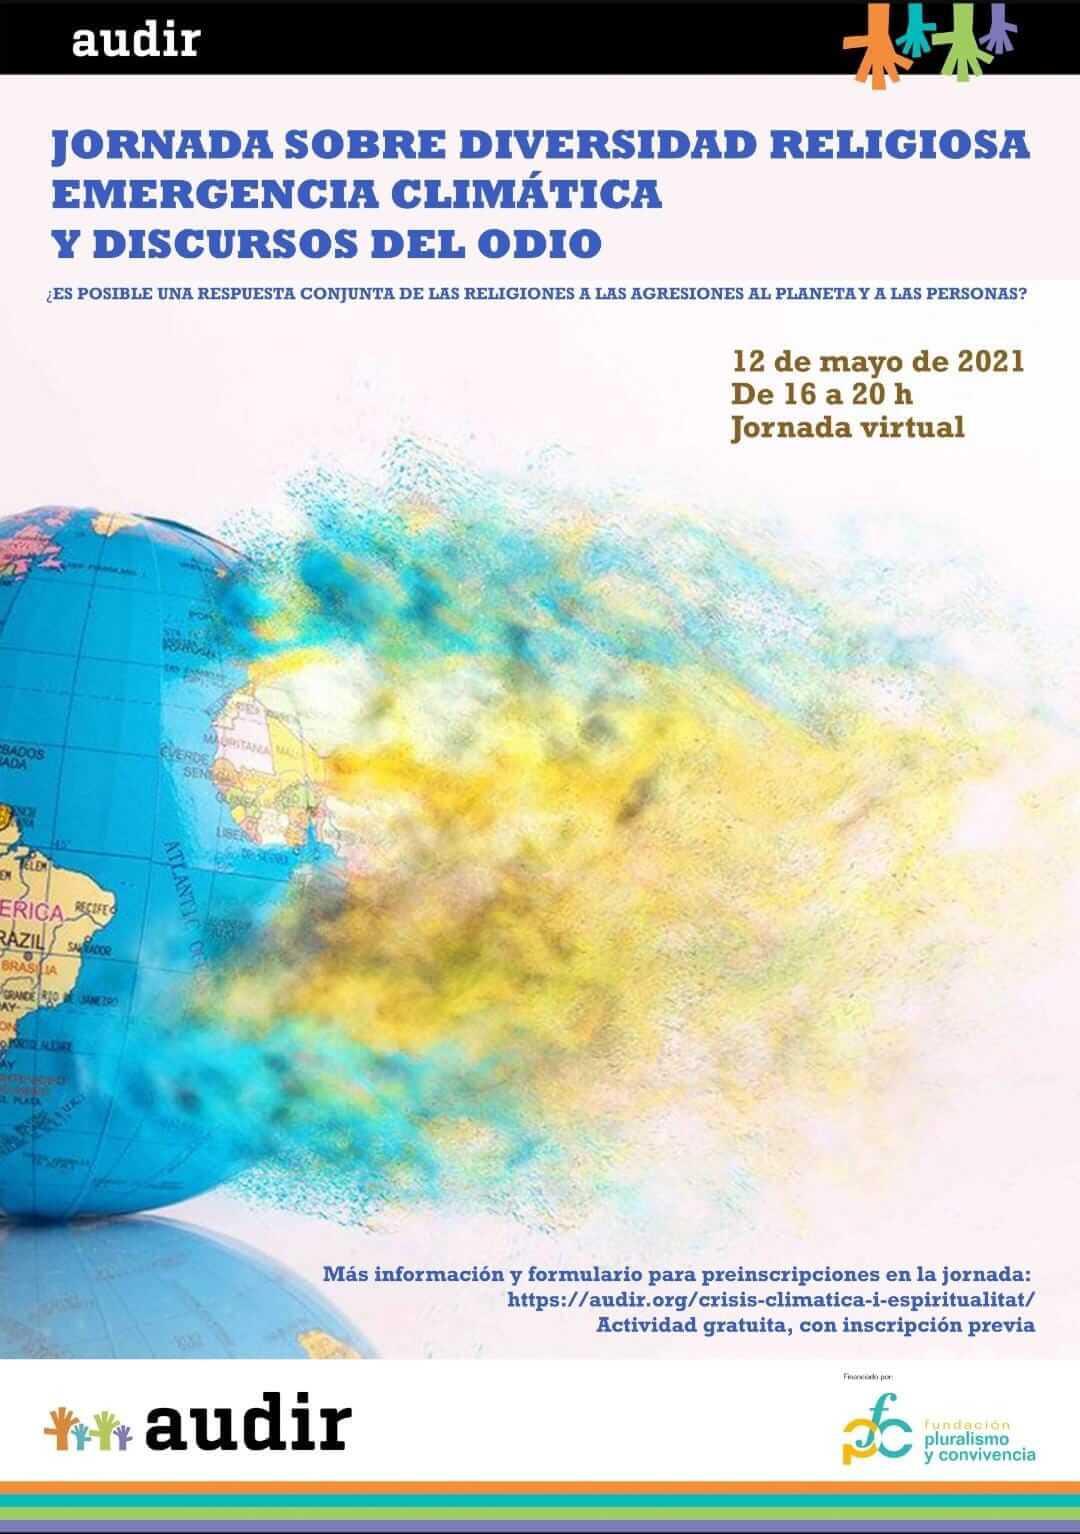 Jornada sobre diversidad religiosa, emergencia climática y discurso de odio